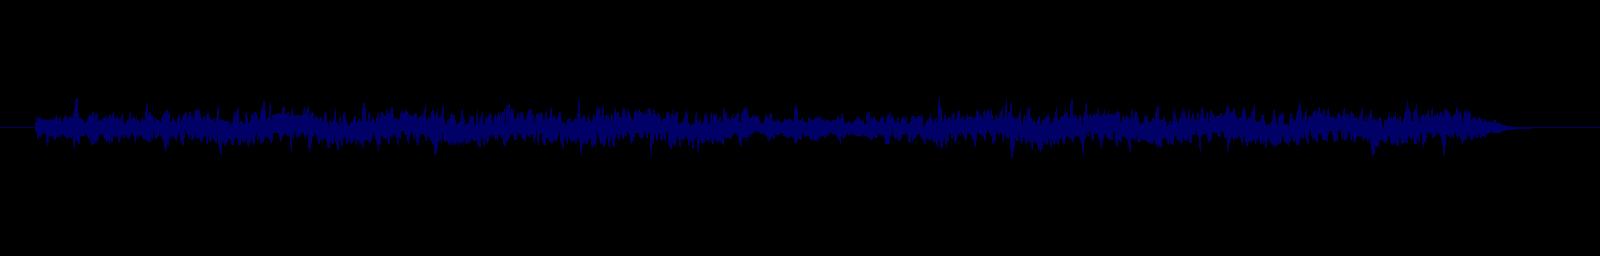 waveform of track #150353